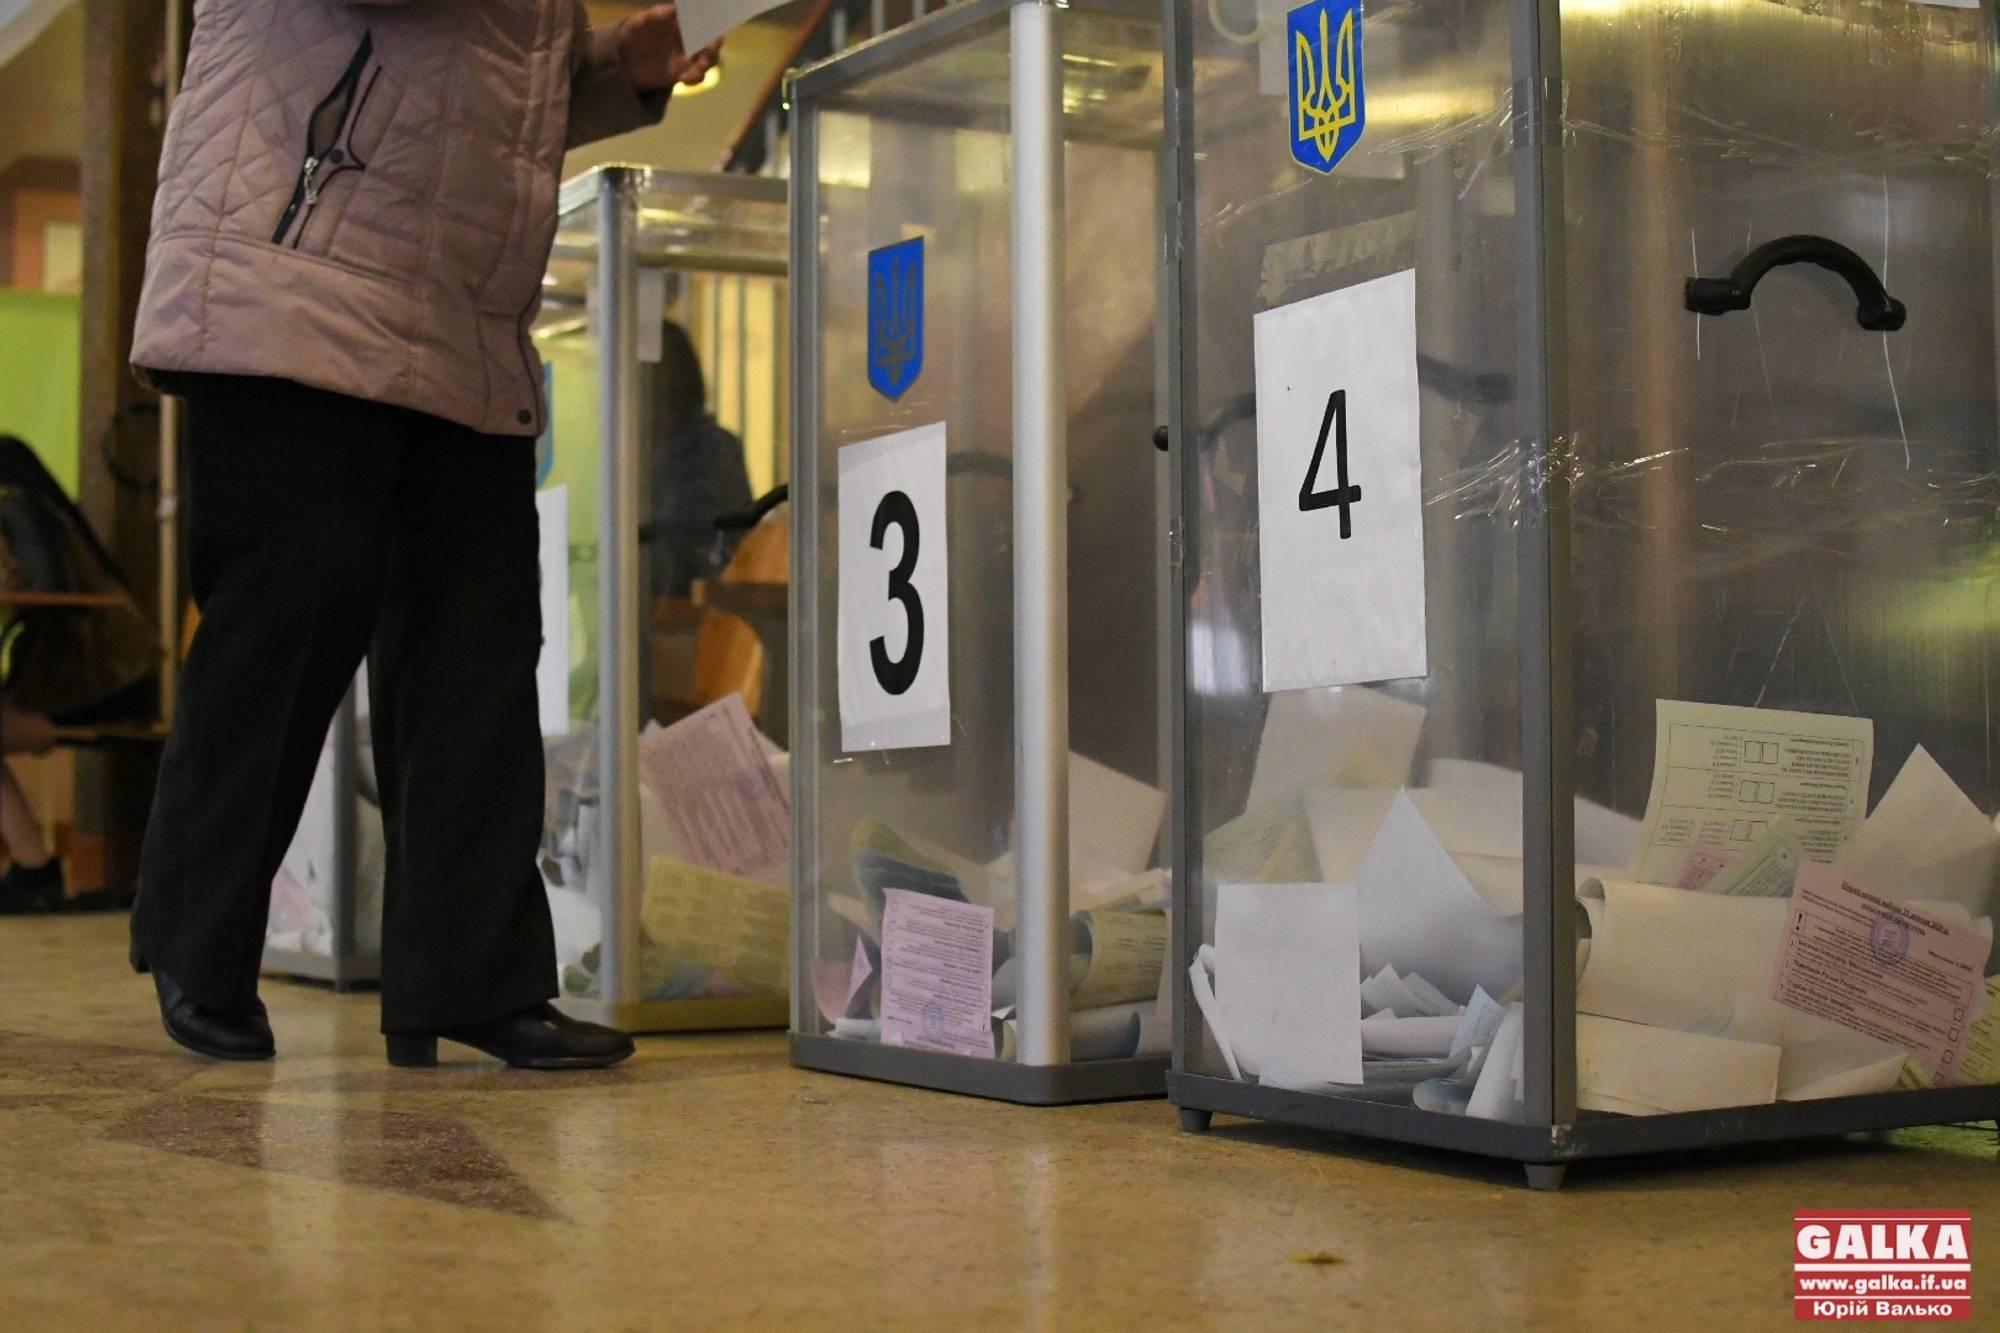 Явка виборців на Прикарпатті – 7,7%. Поліція отримала сім повідомлень про порушення